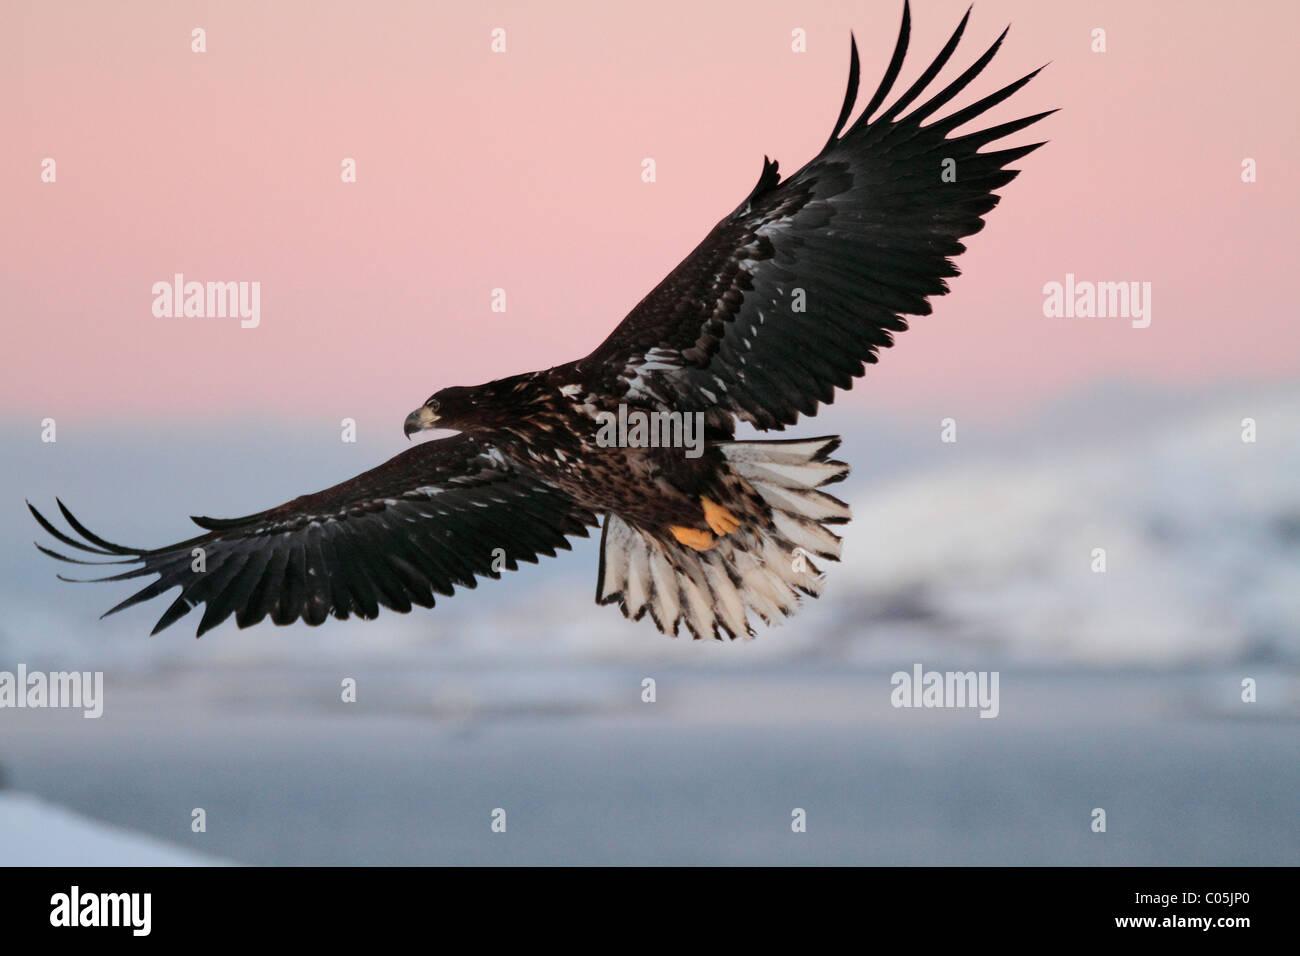 White-tailed eagle in inverno il paesaggio costiero in gennaio, Norvegia Immagini Stock